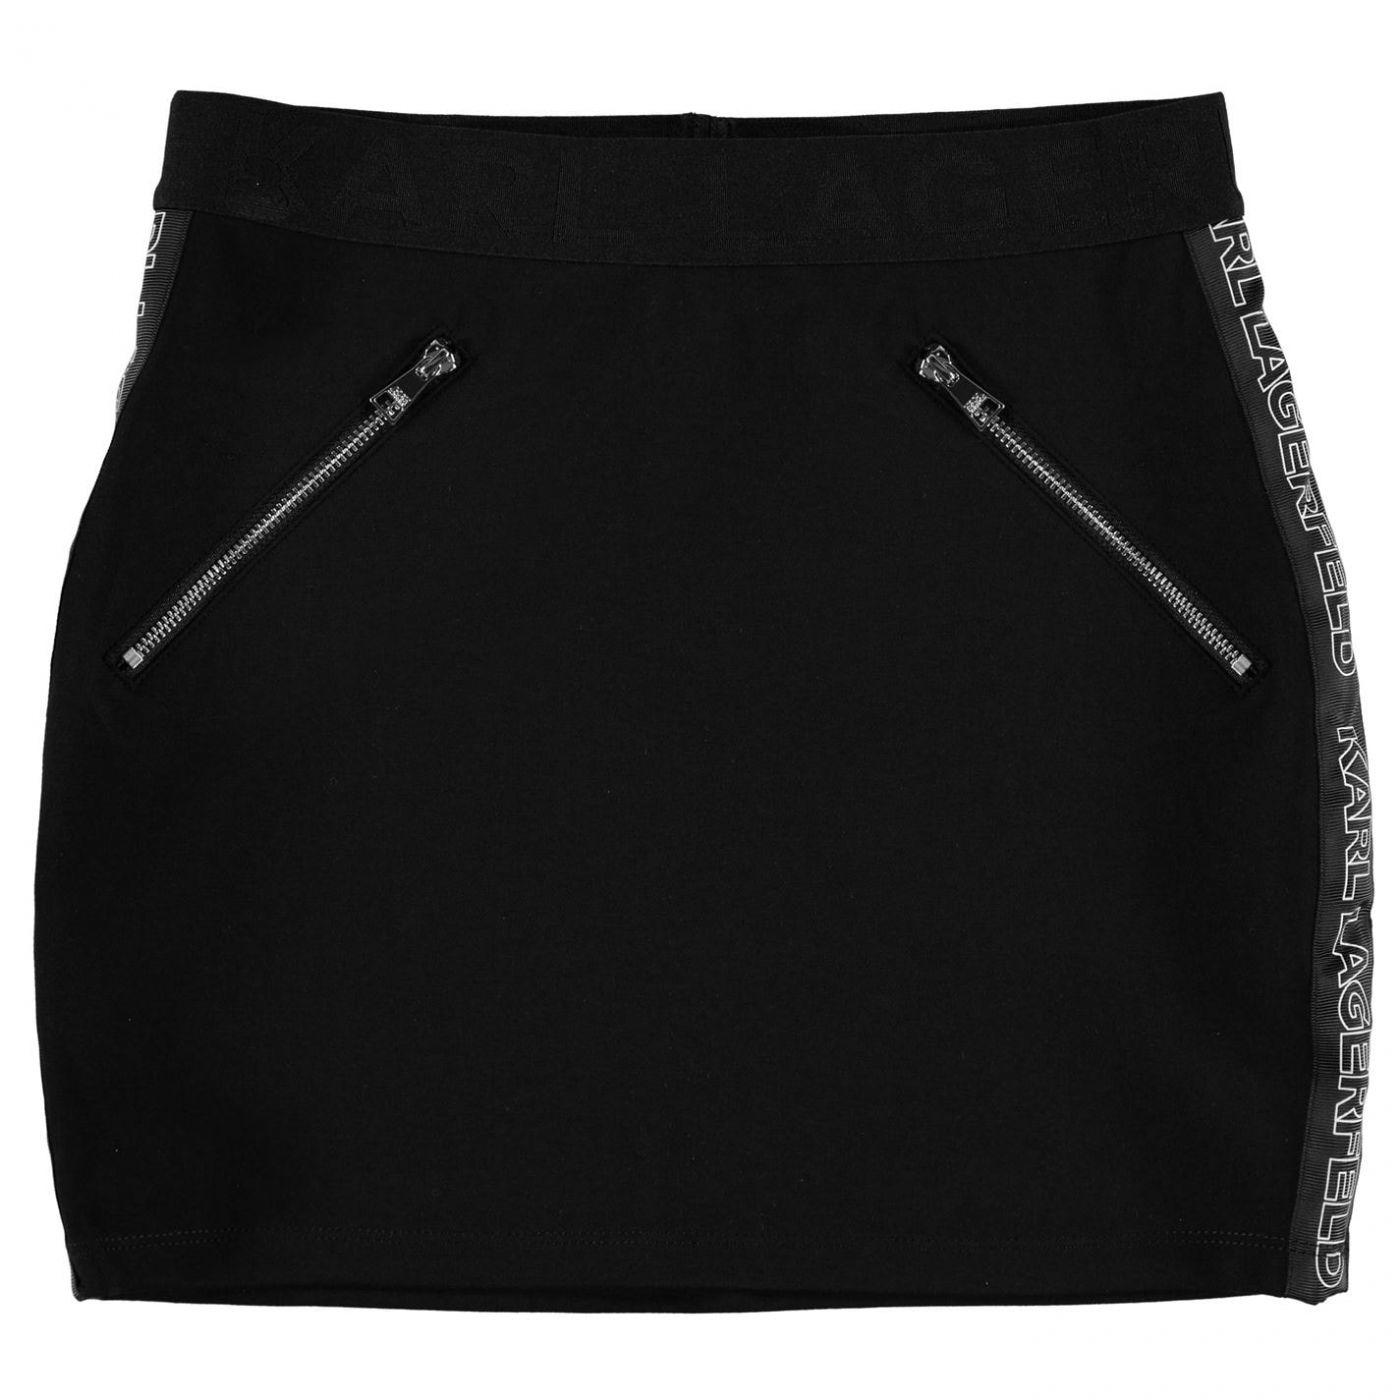 Karl Lagerfeld Glam Rock Skirt